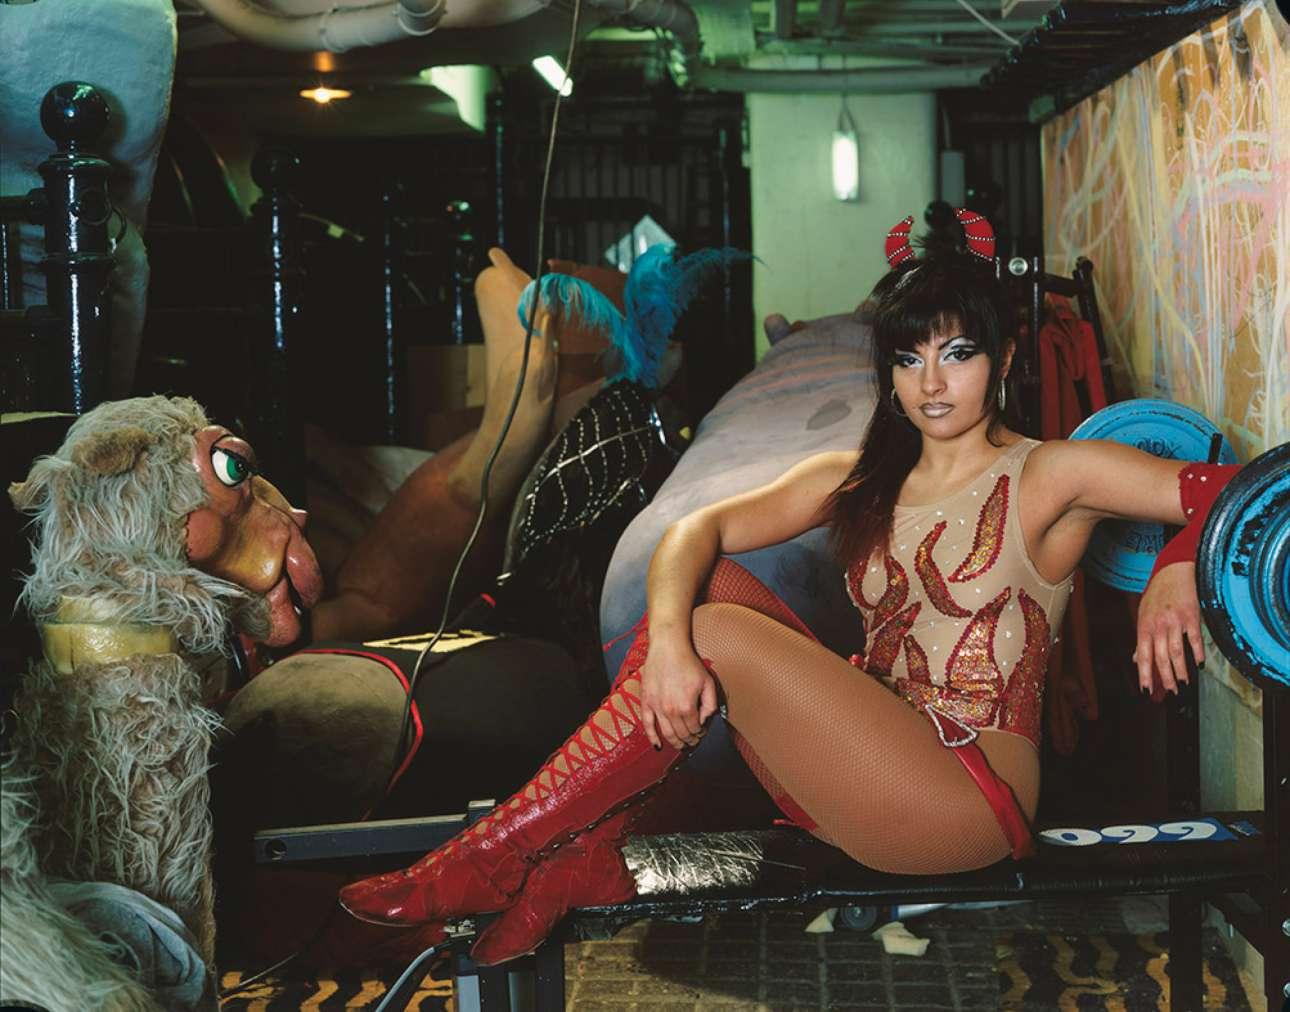 Η Τζάνα -ο «Μικρός Διάβολος»- Ρόμπερτς στα παρασκήνια του τσίρκου Blackpool Tower (Πύργος Μπλάκπουλ), το 2005